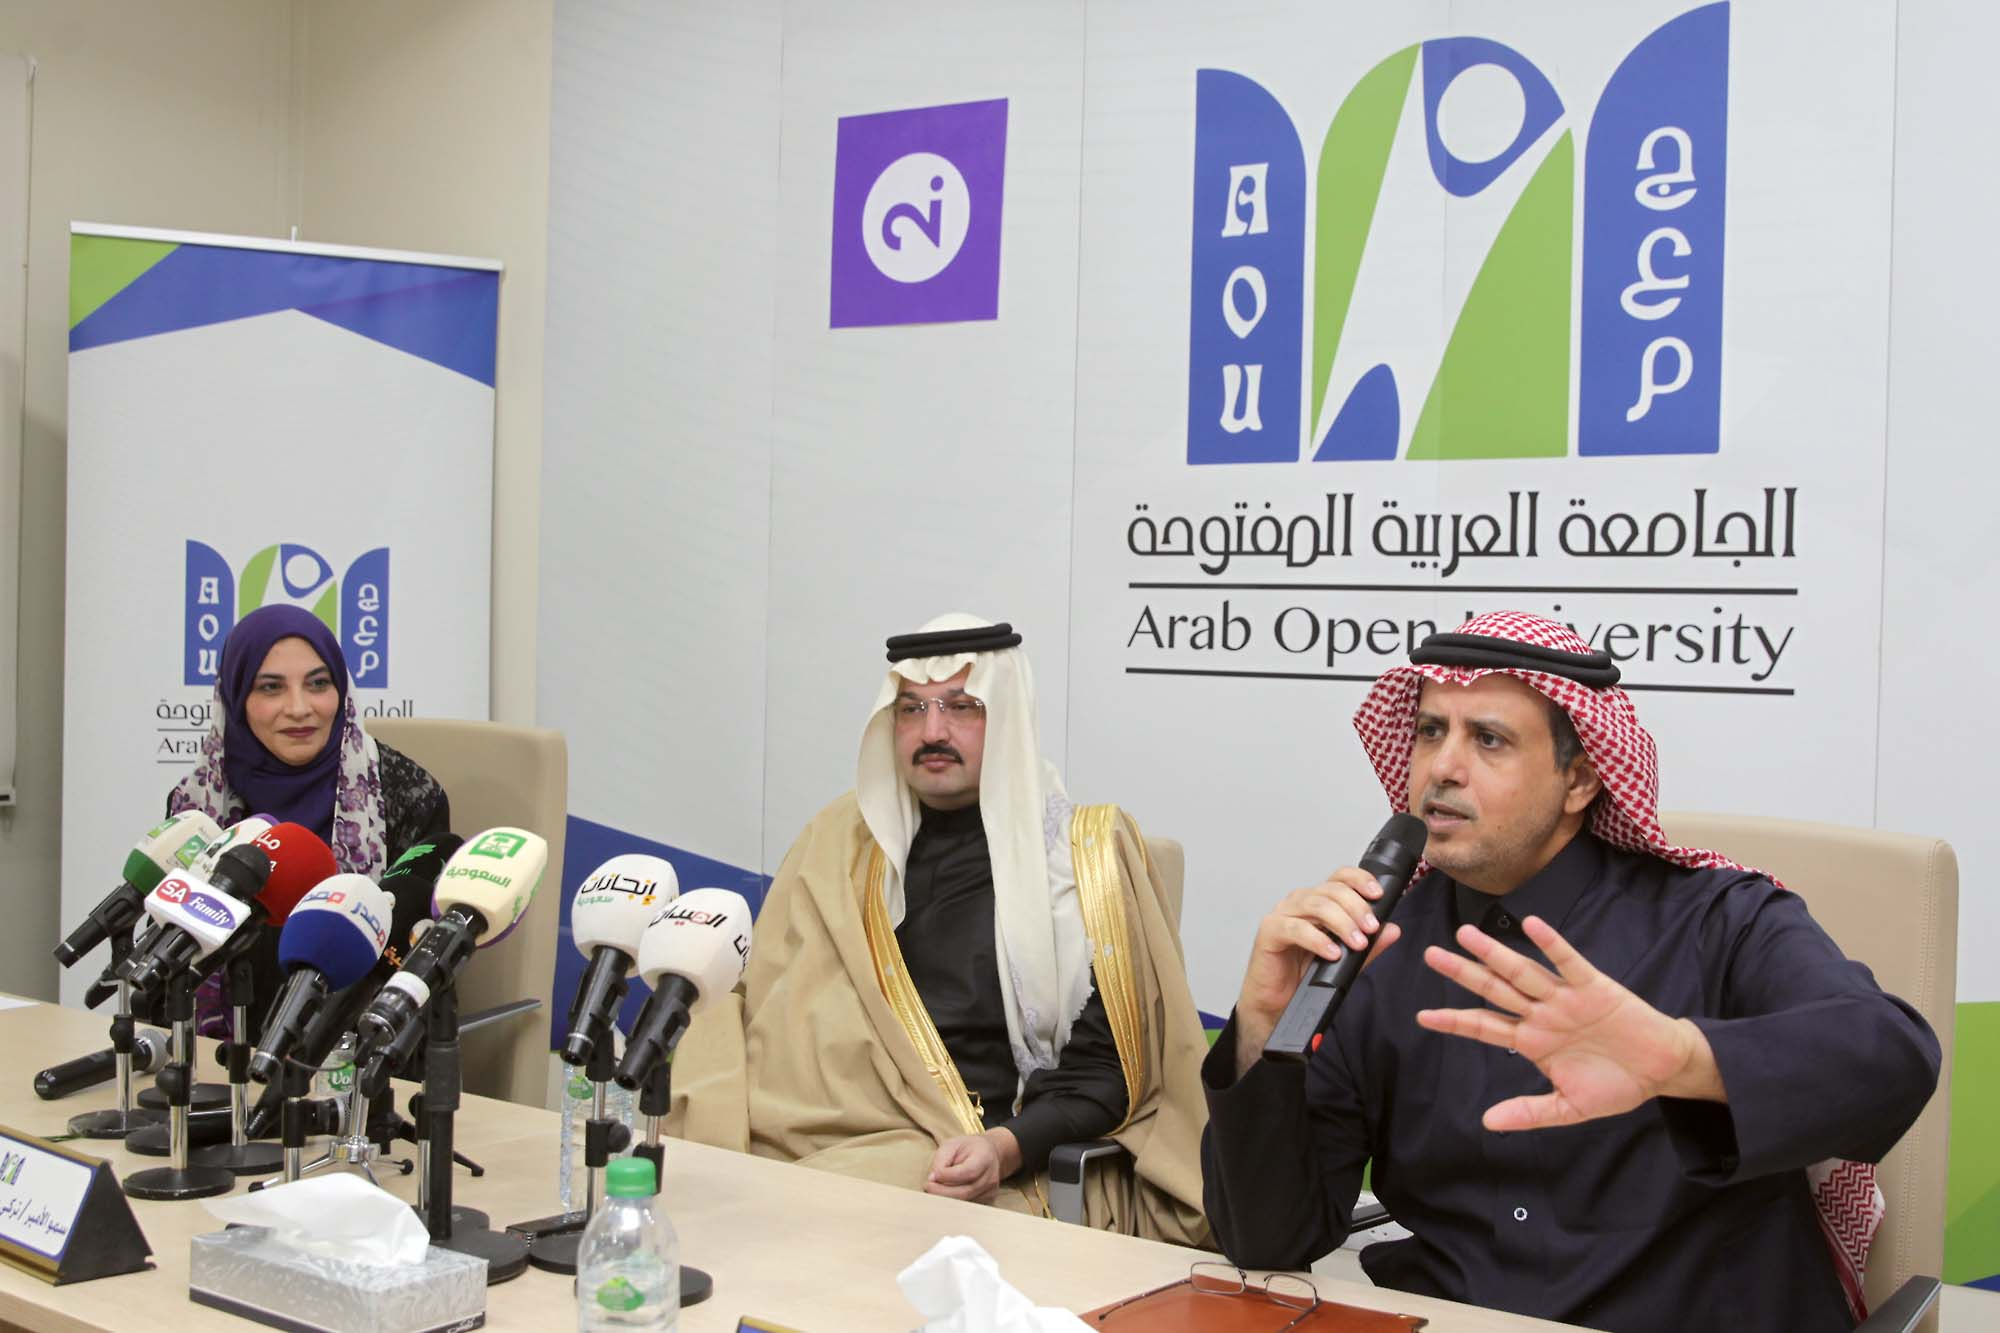 اتفاقية الجامعة العربية المفتوحة (4)